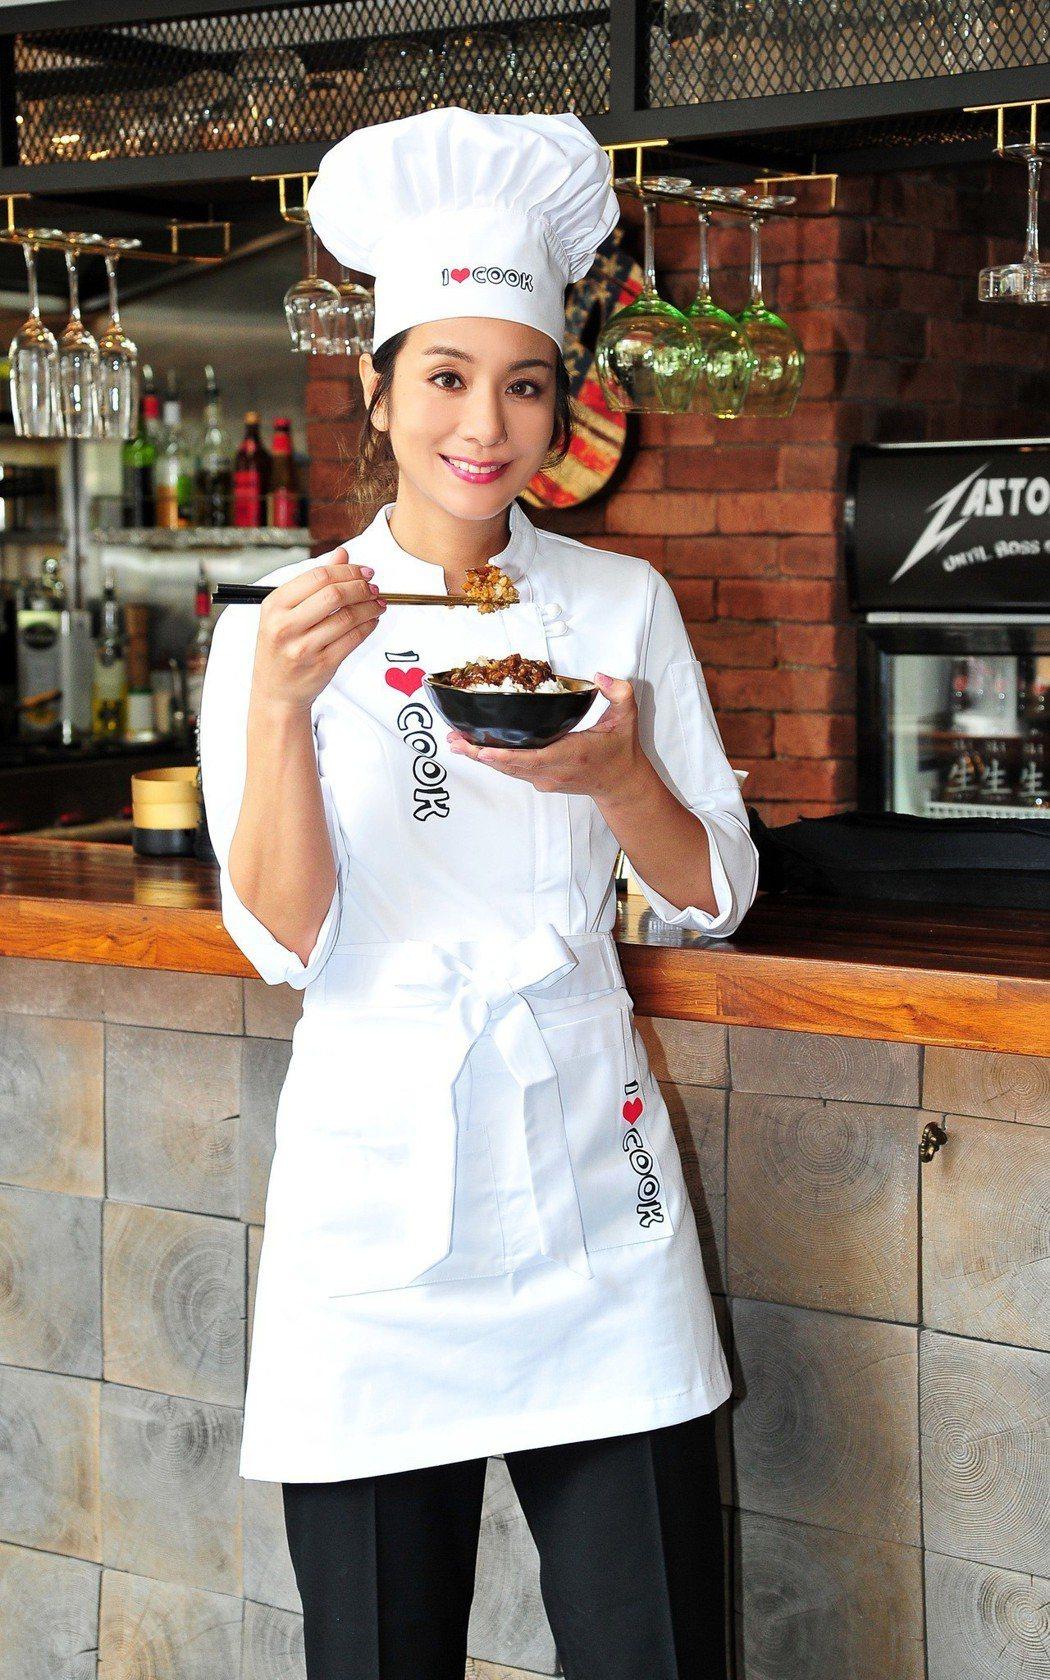 莎莎熱愛滷肉飯。圖/經紀部商業司提供